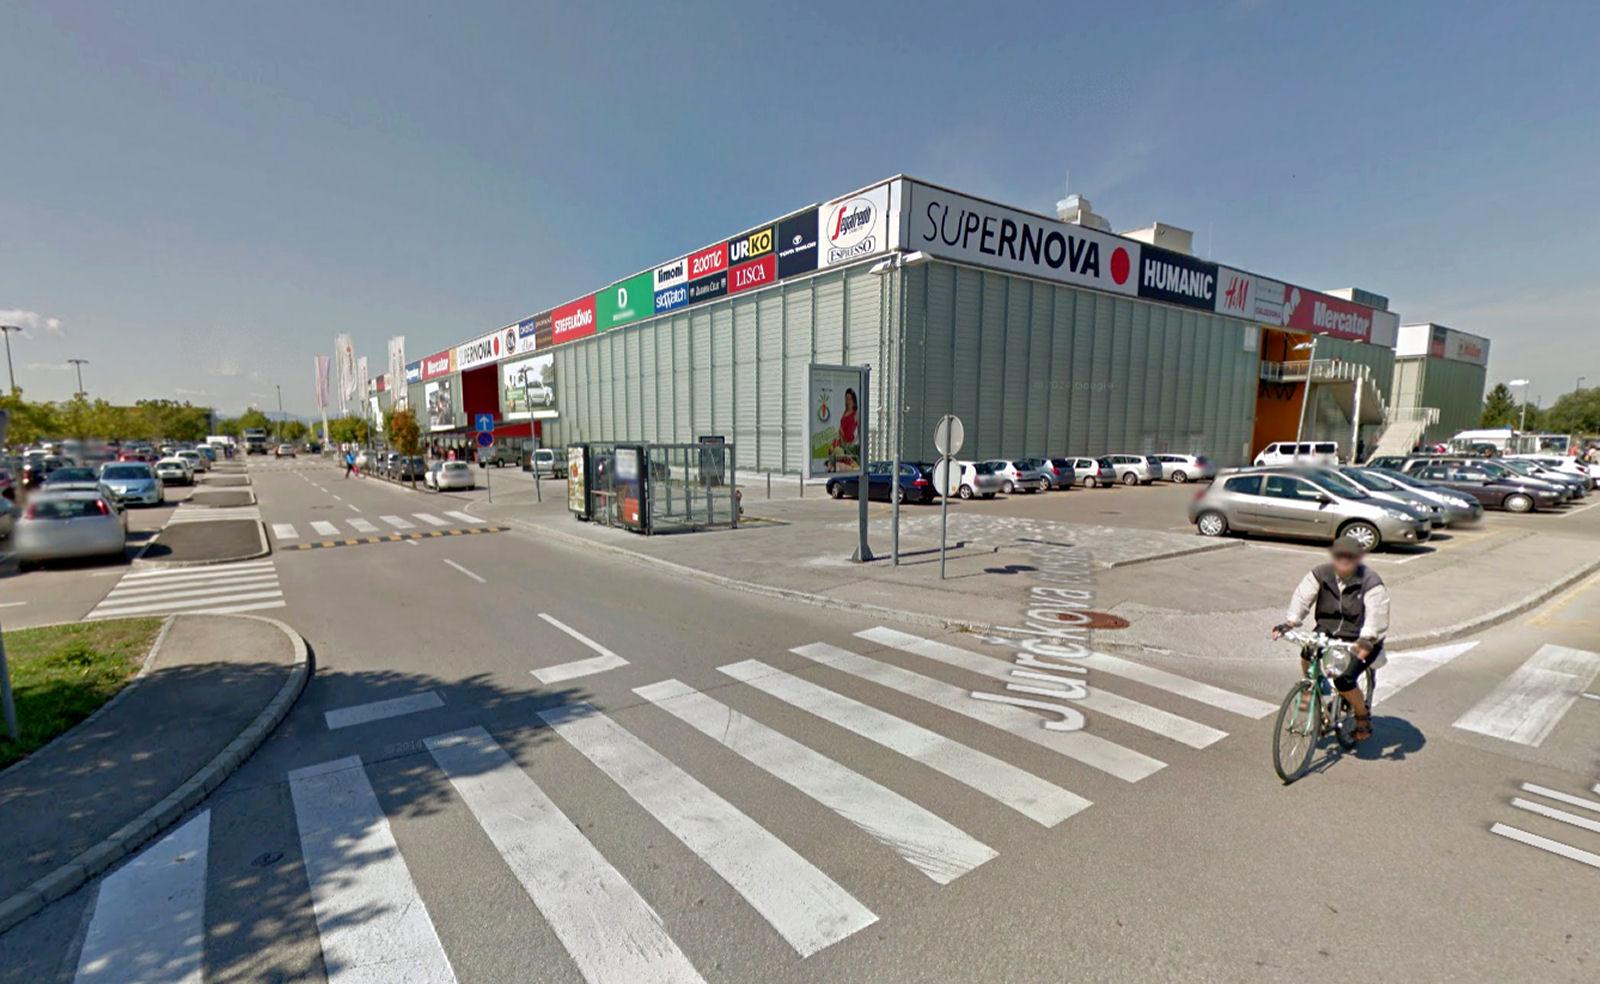 Supernova Ljubljana shopping centre